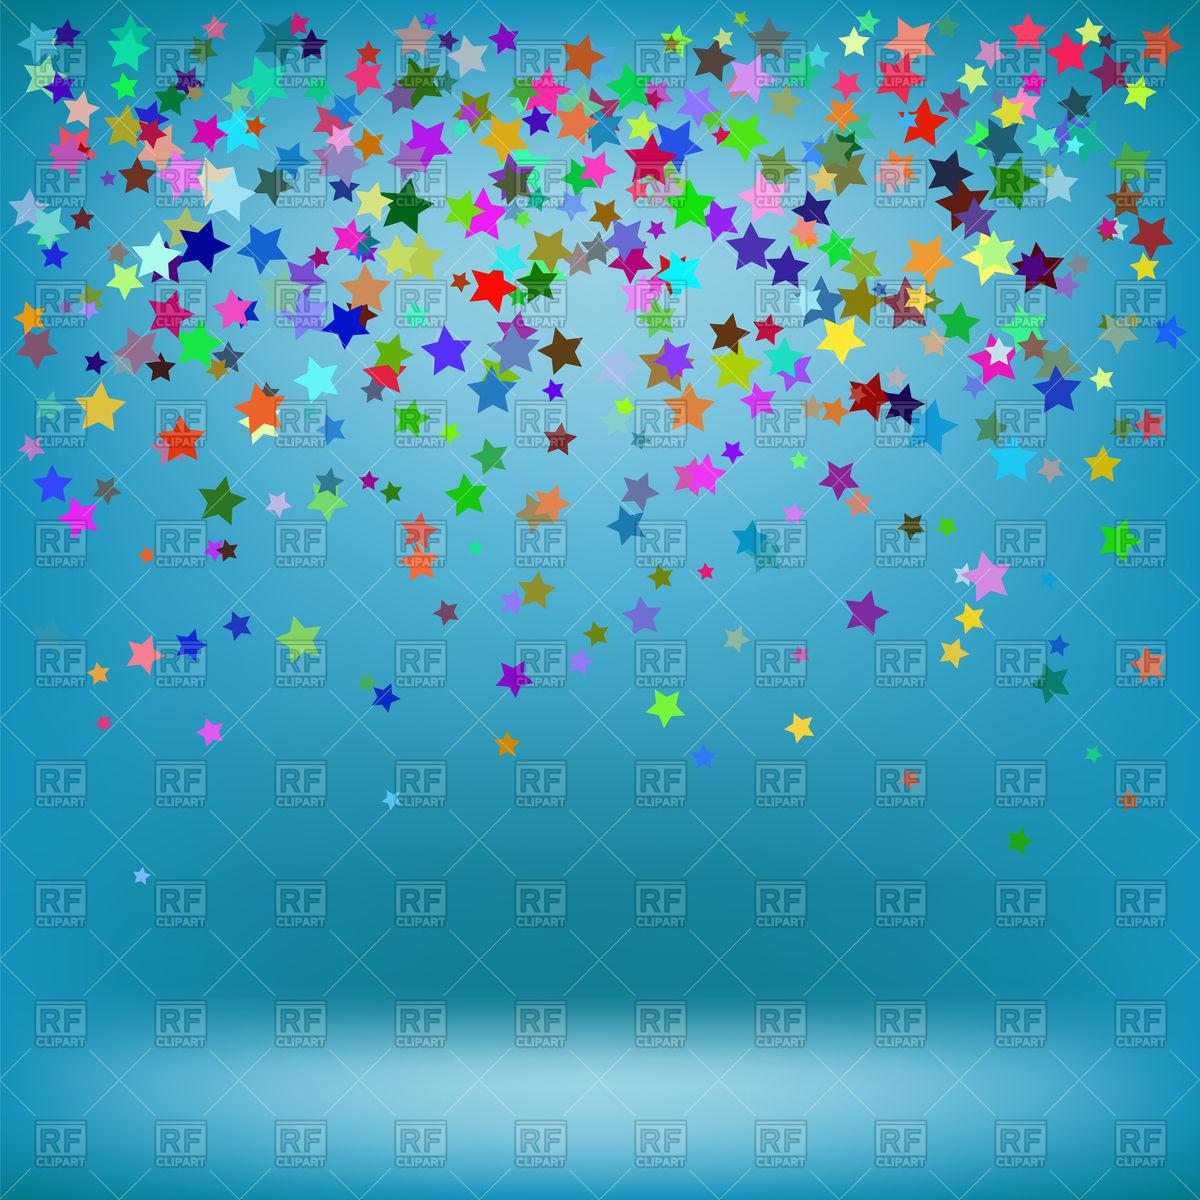 colorful stars wallpaper wallpapersafari